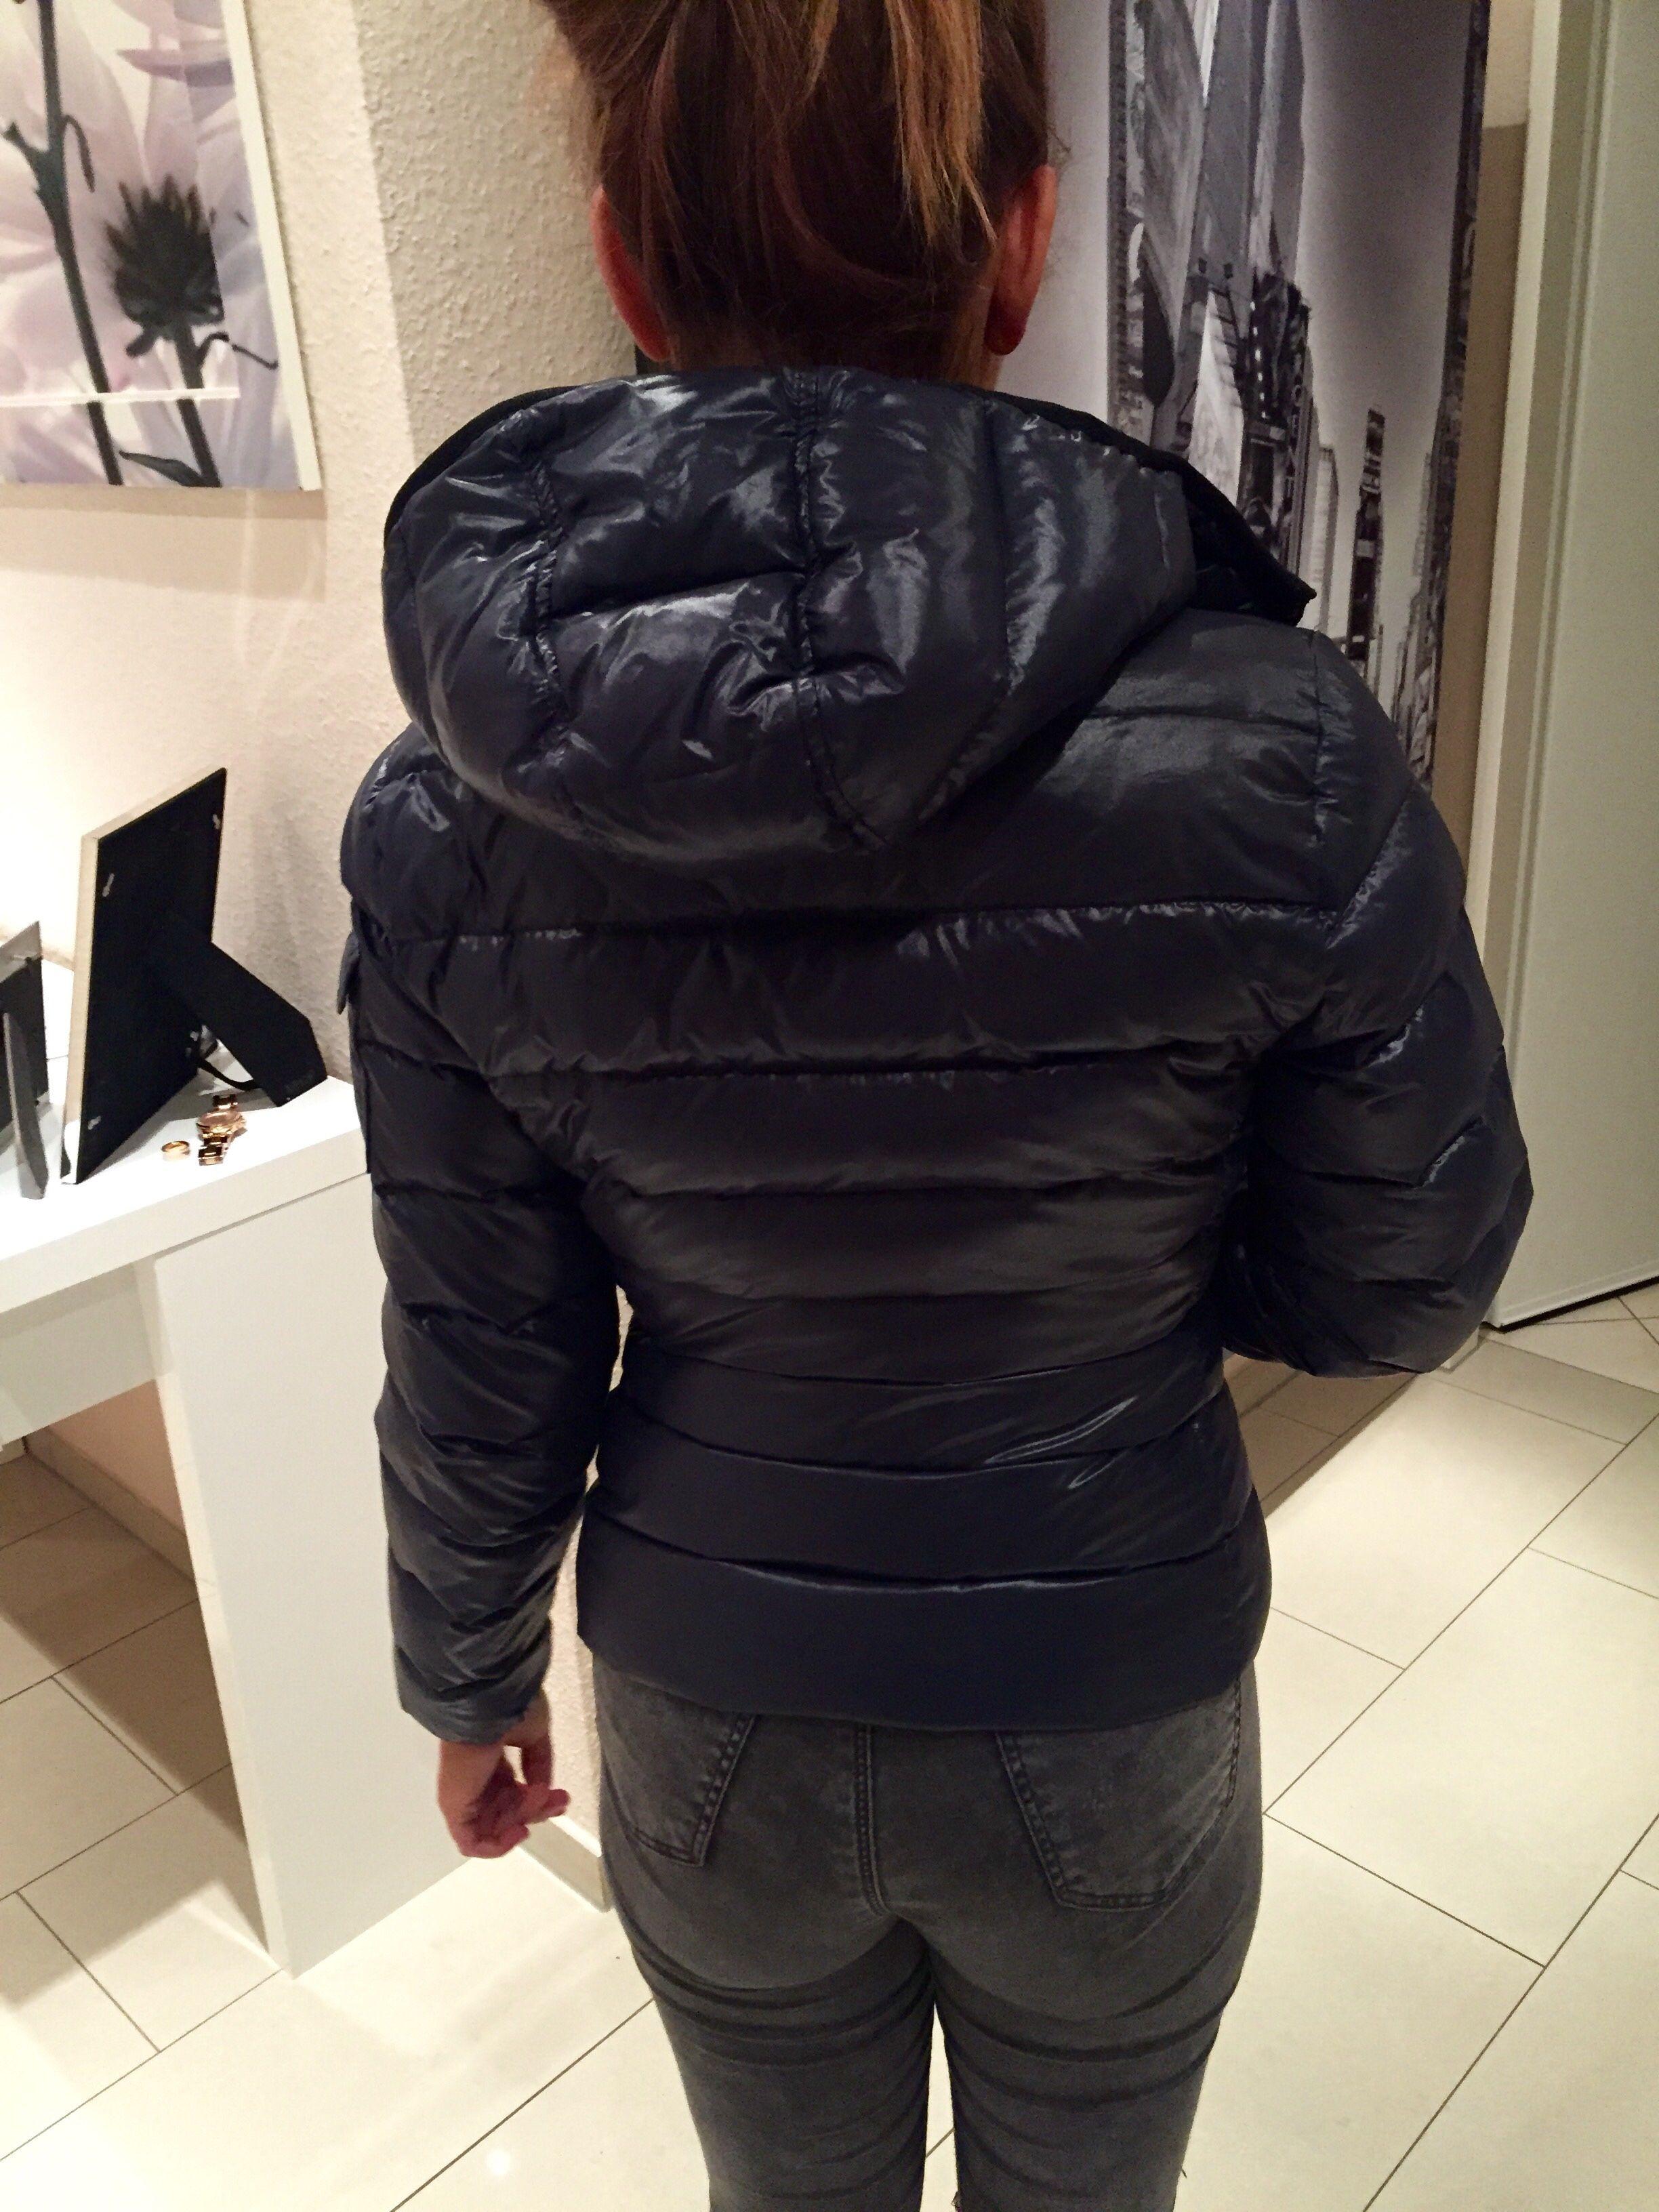 d03bd7f5b Moncler Bady down jacket